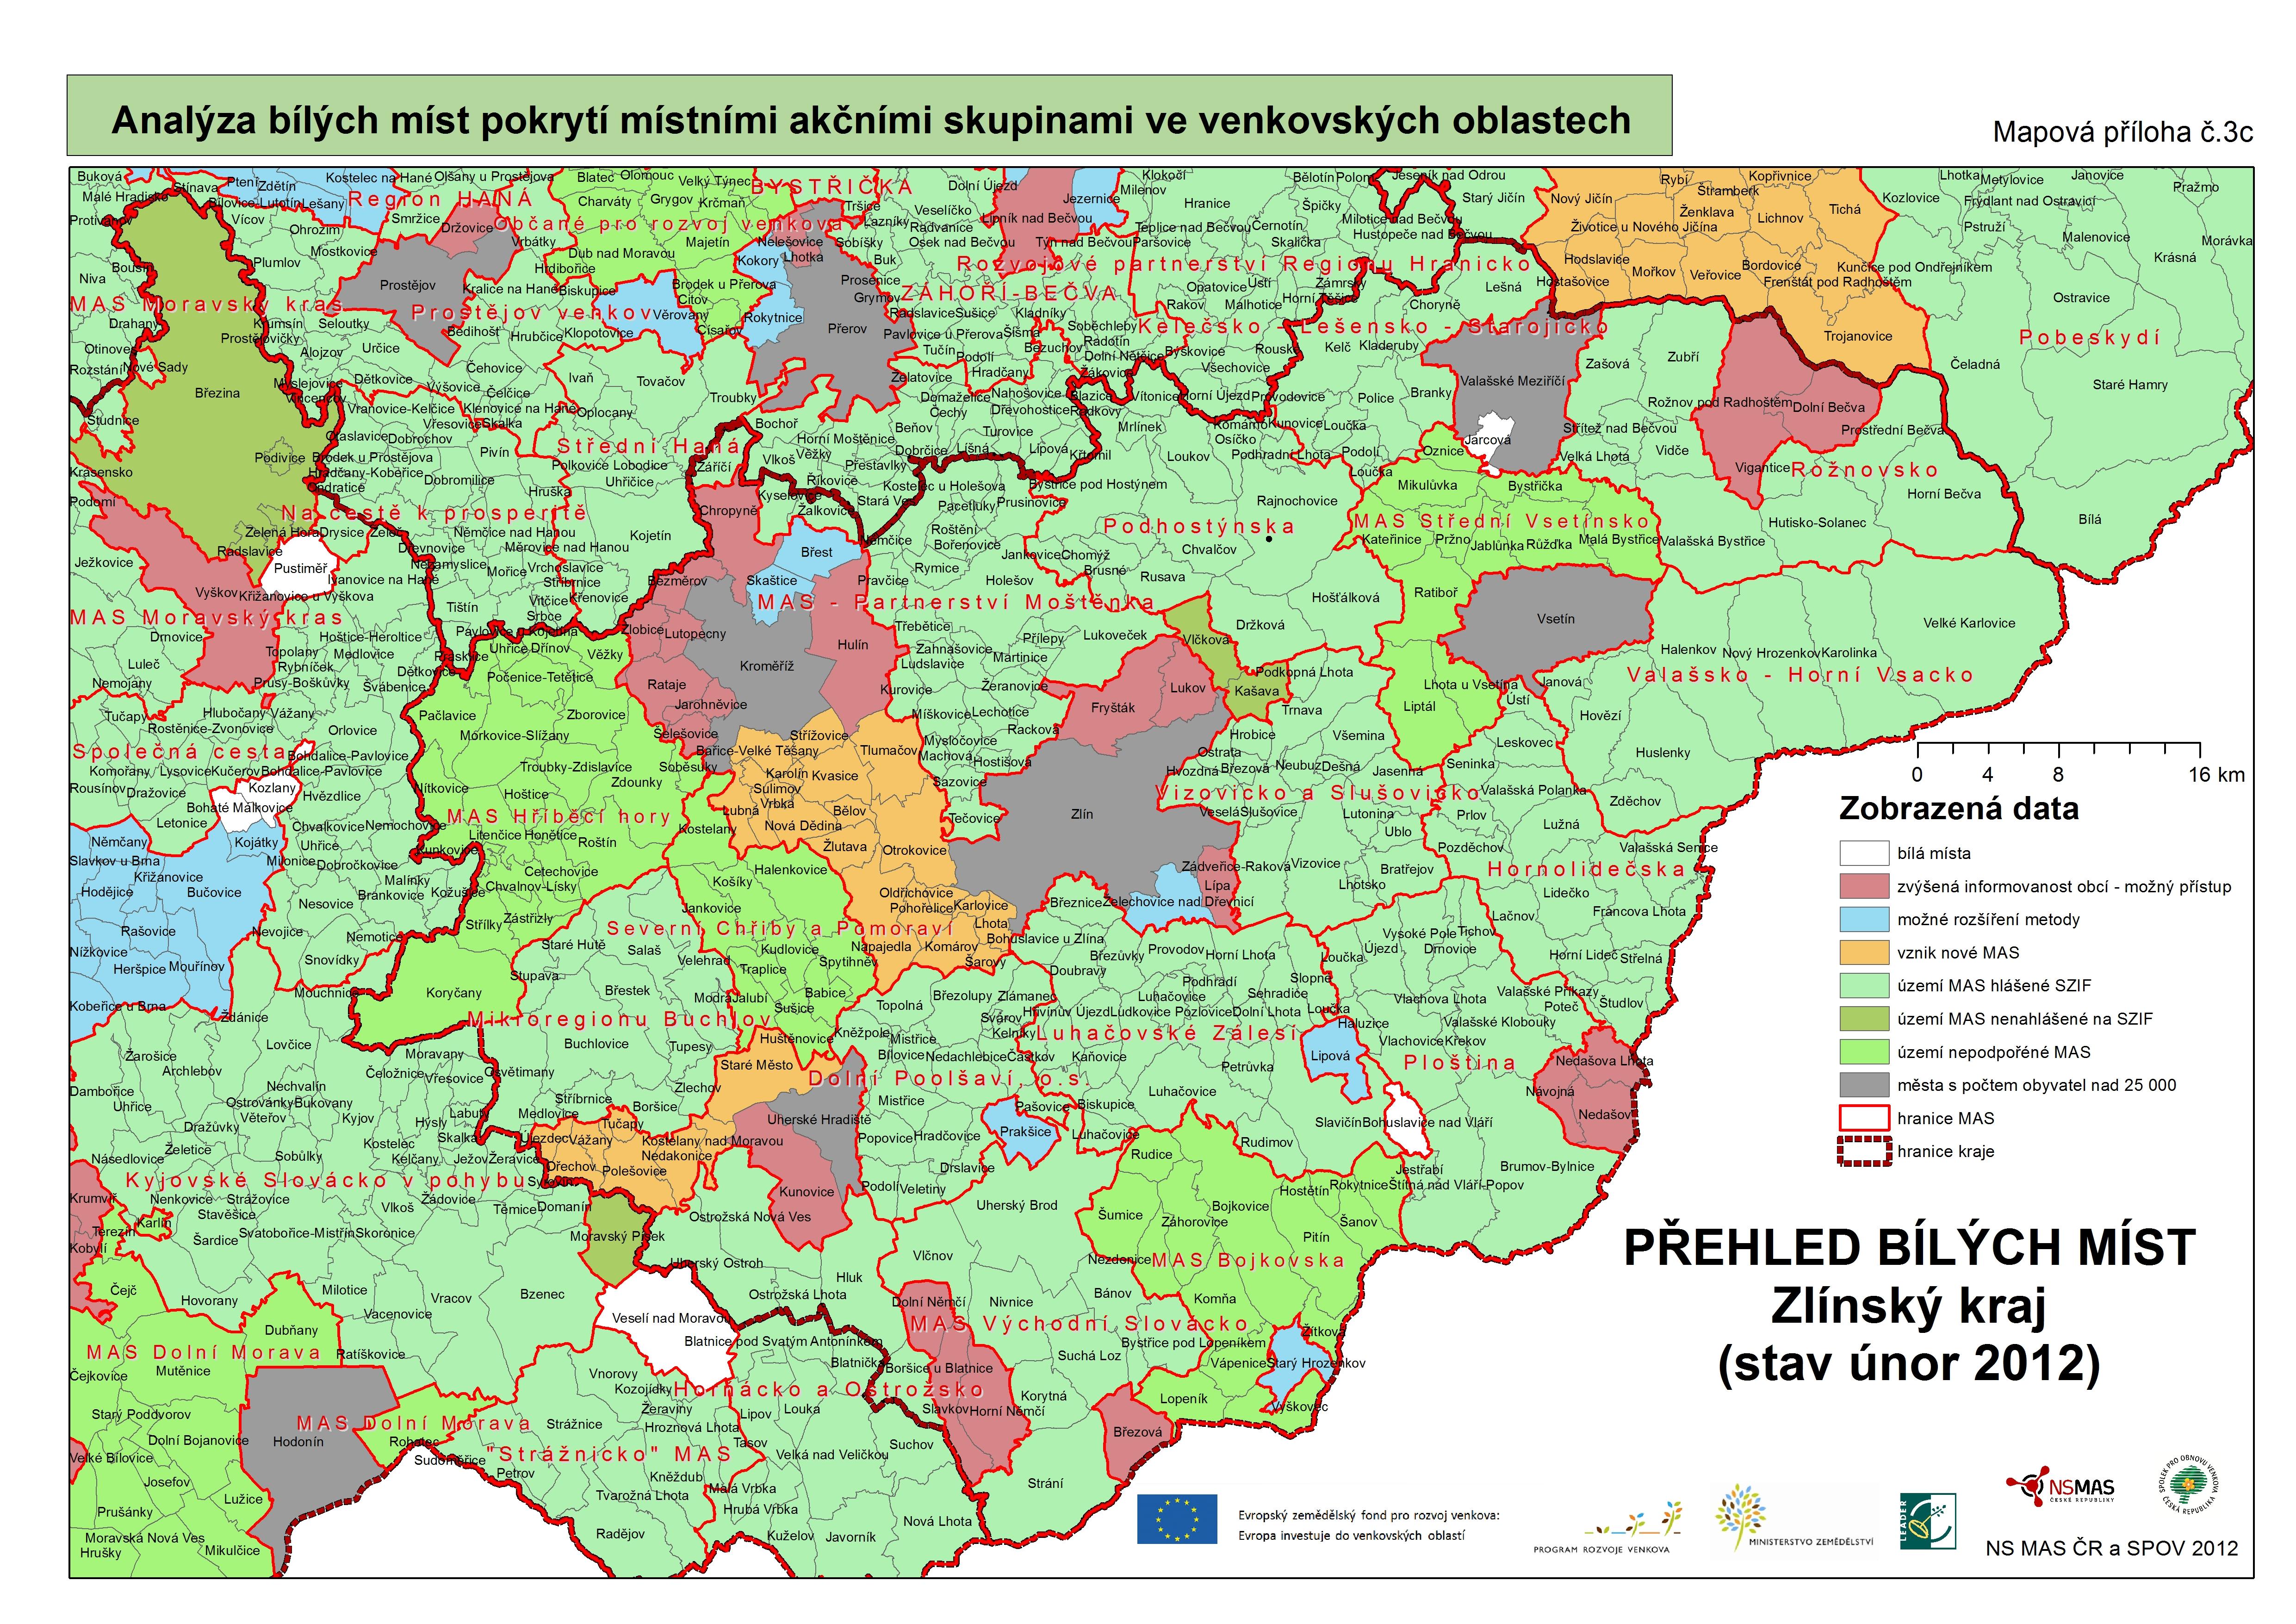 182c114d888 Analýza pokrytí ČR místními akčními skupinami (Venkov